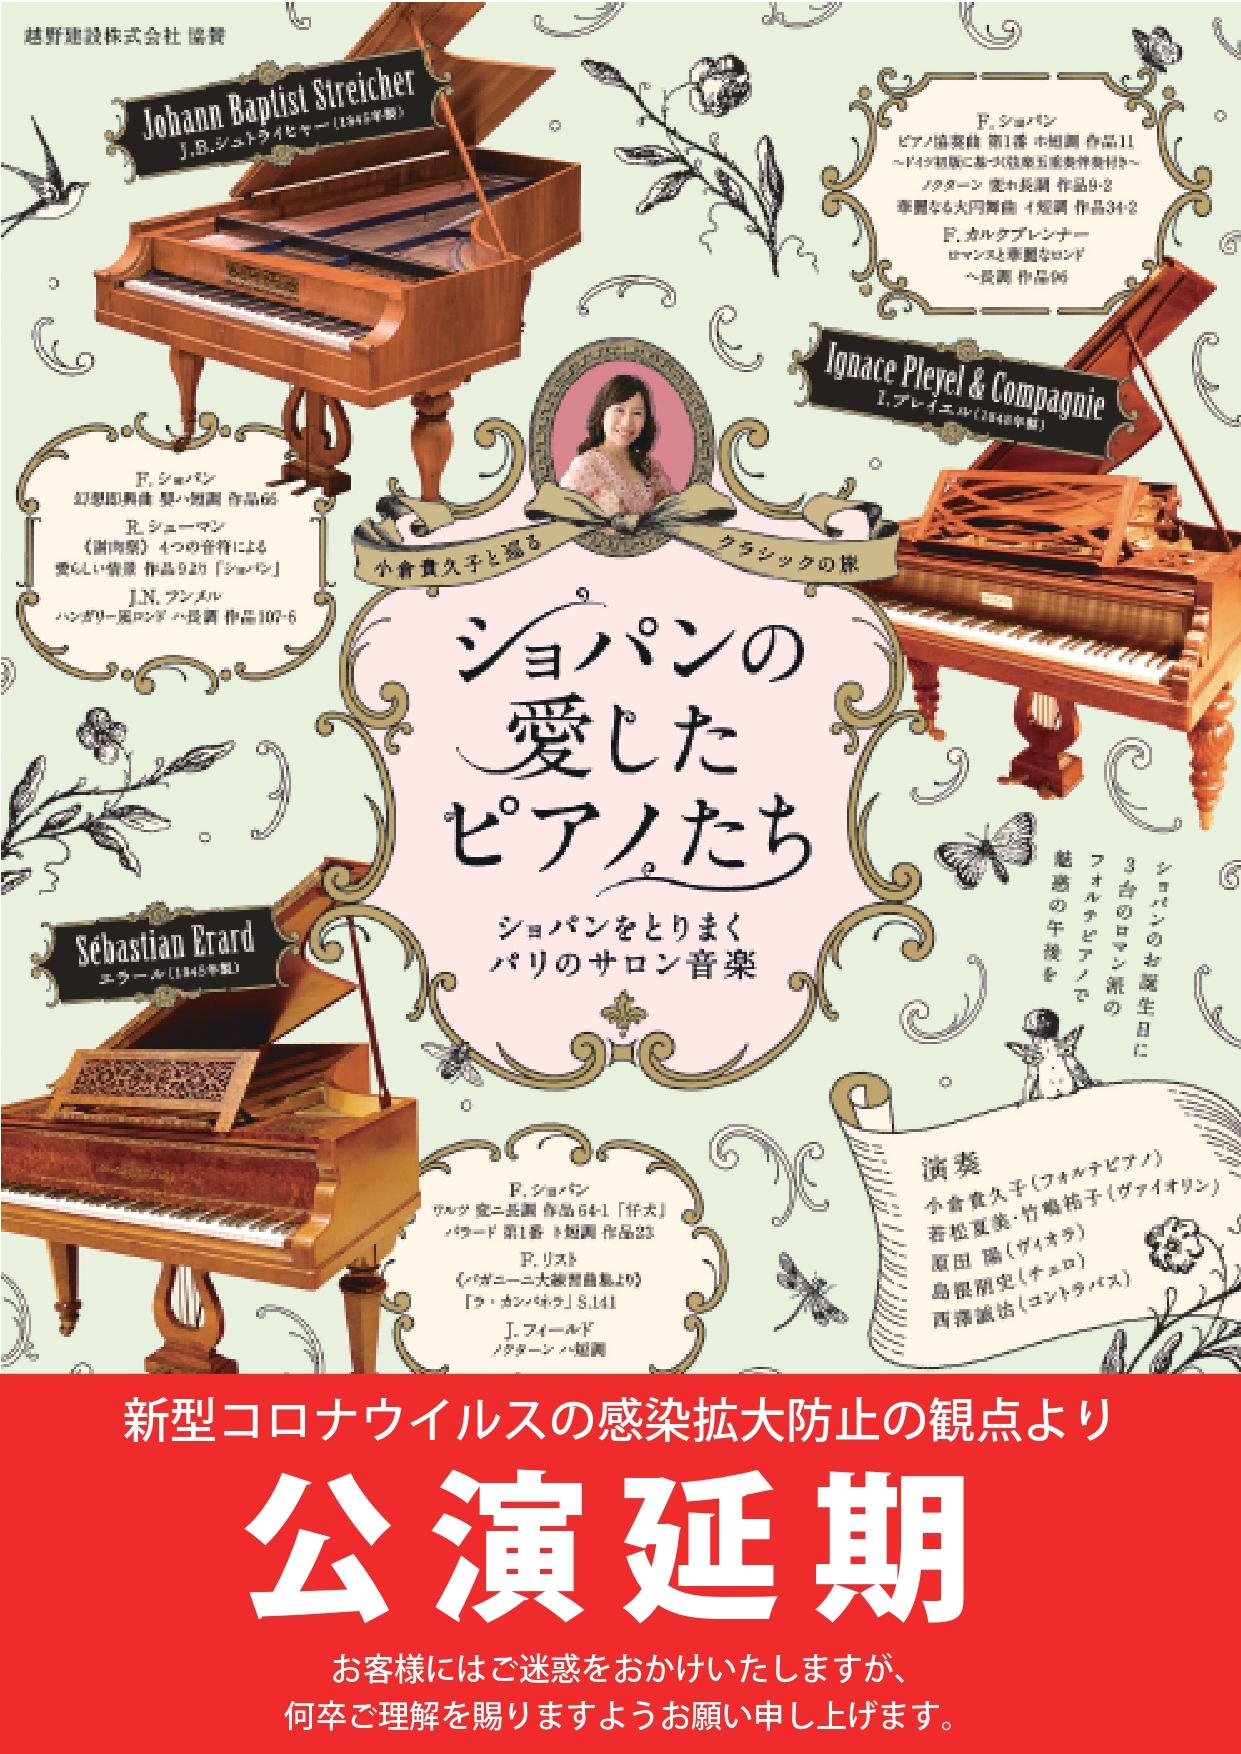 <延期>小倉貴久子と巡るクラシックの旅vol.2 ショパンの愛したピアノたち〜ショパンをとりまくパリのサロン音楽〜の画像